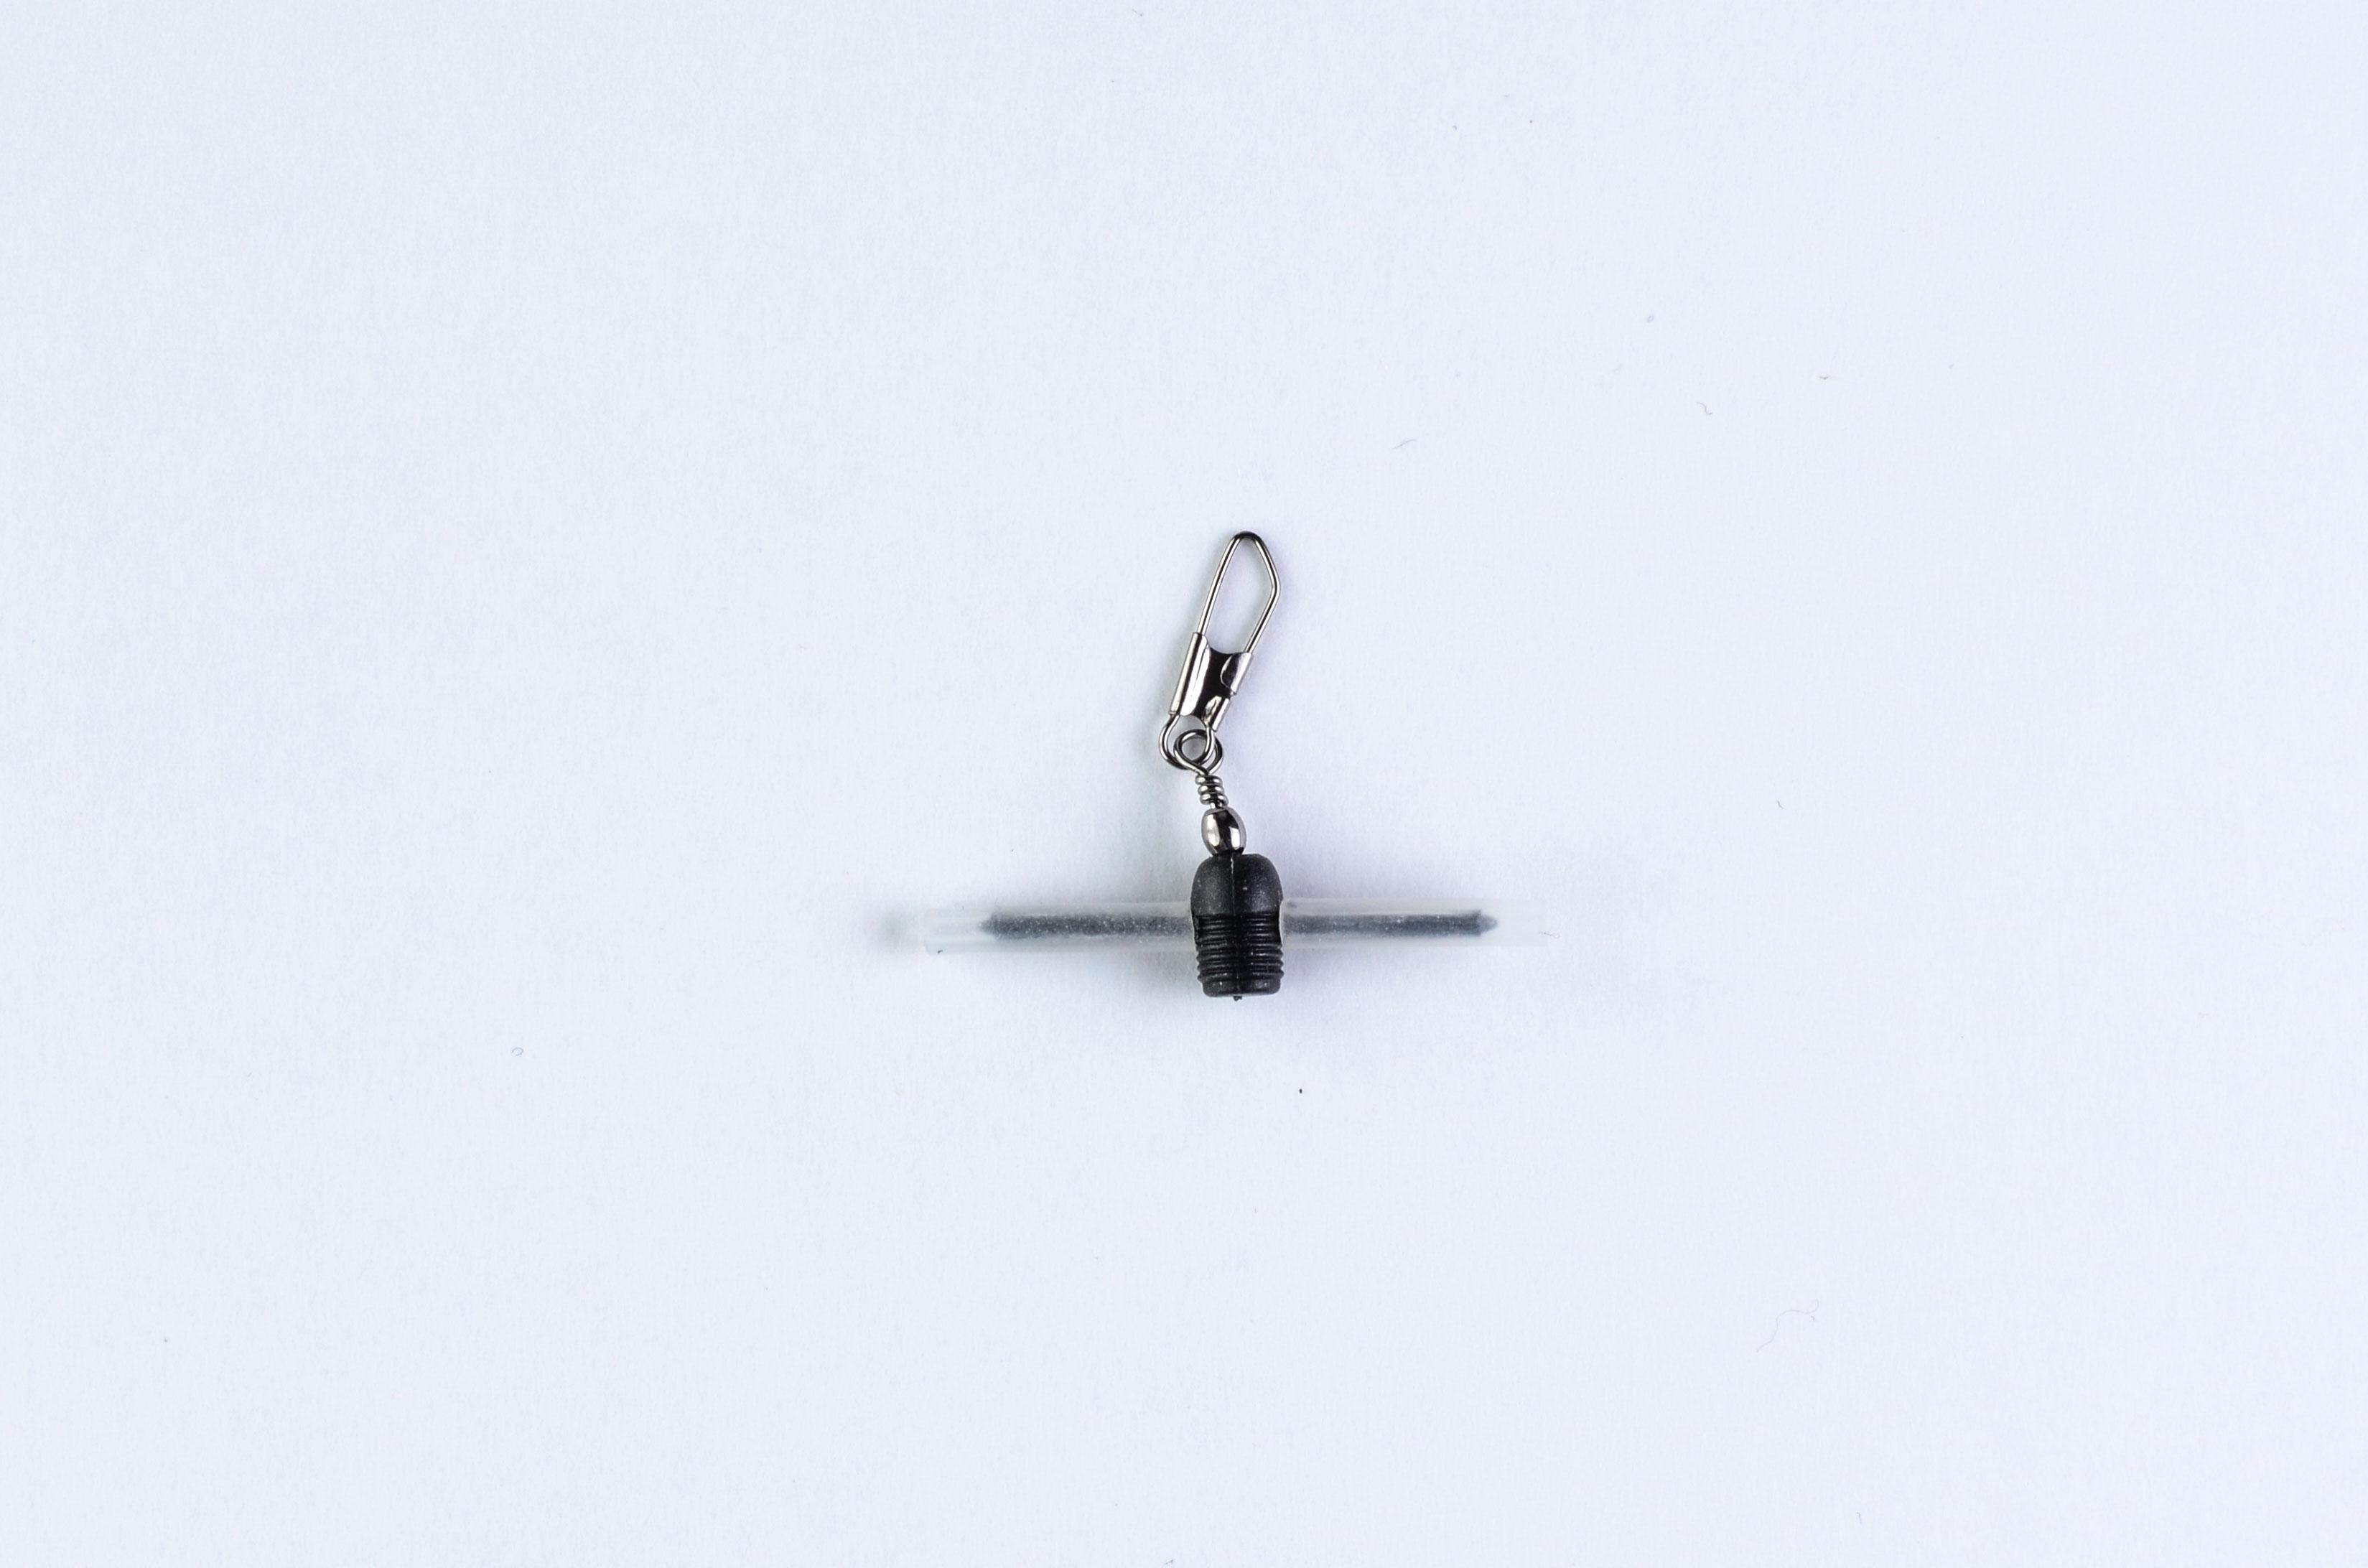 Застёжка для поплавка с вертлюжком для фиксированного крепления 10008 (уп. 3шт)